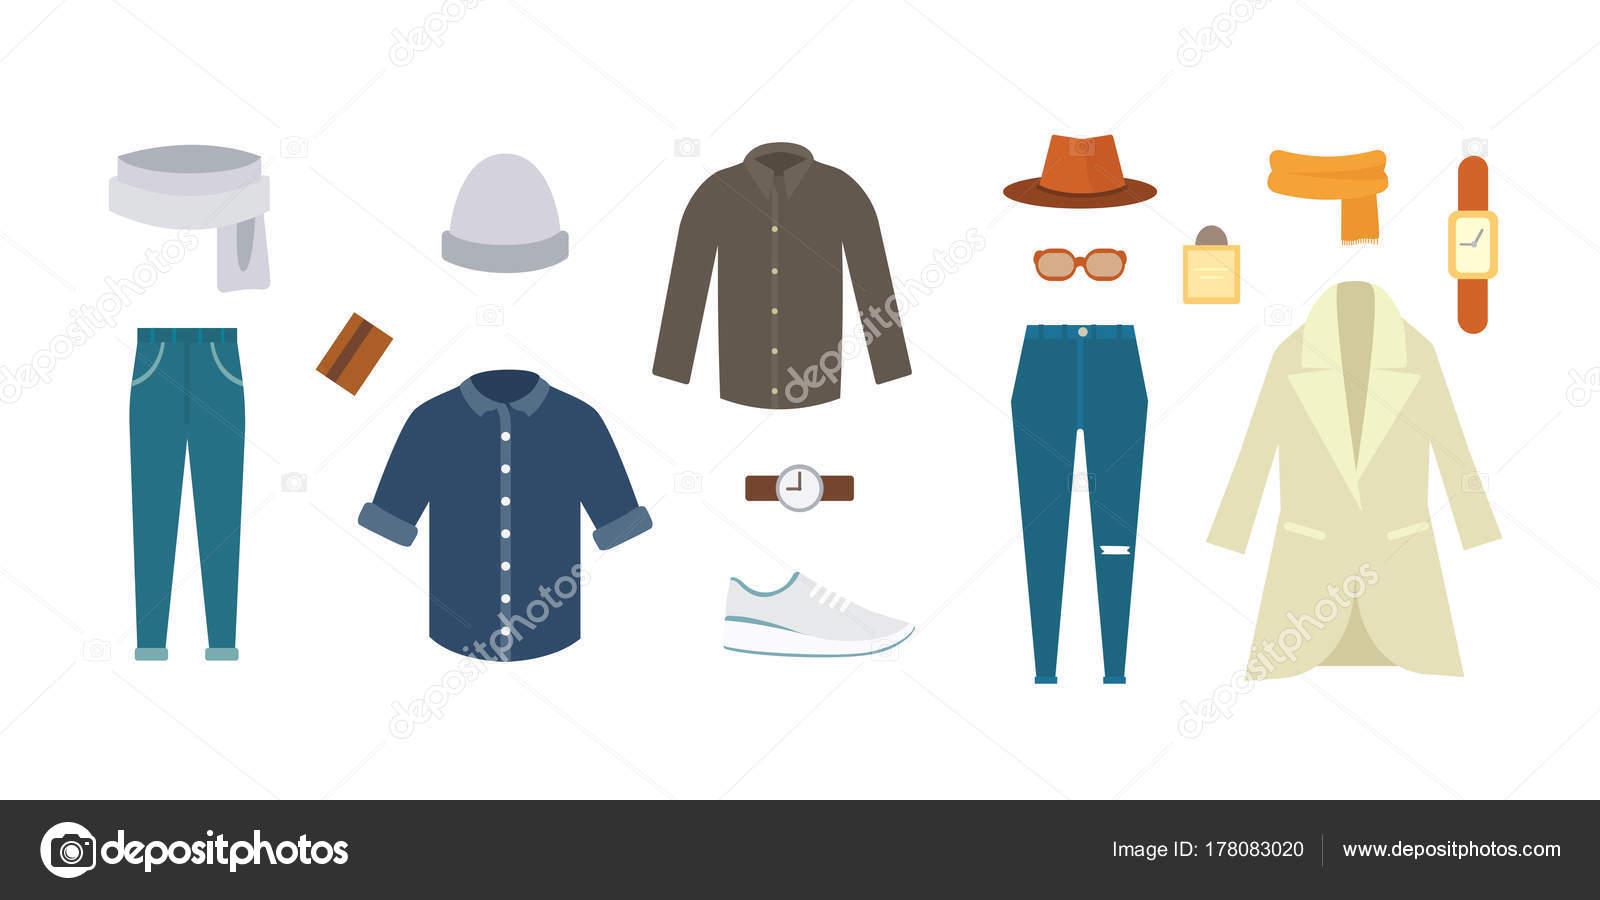 9293548d485af Colección de varios ropa y zapatos para la temporada de frío. Look de otoño  para hombre. Conjunto de ropa para mujer - imágenes  prendas de vestir para  ...